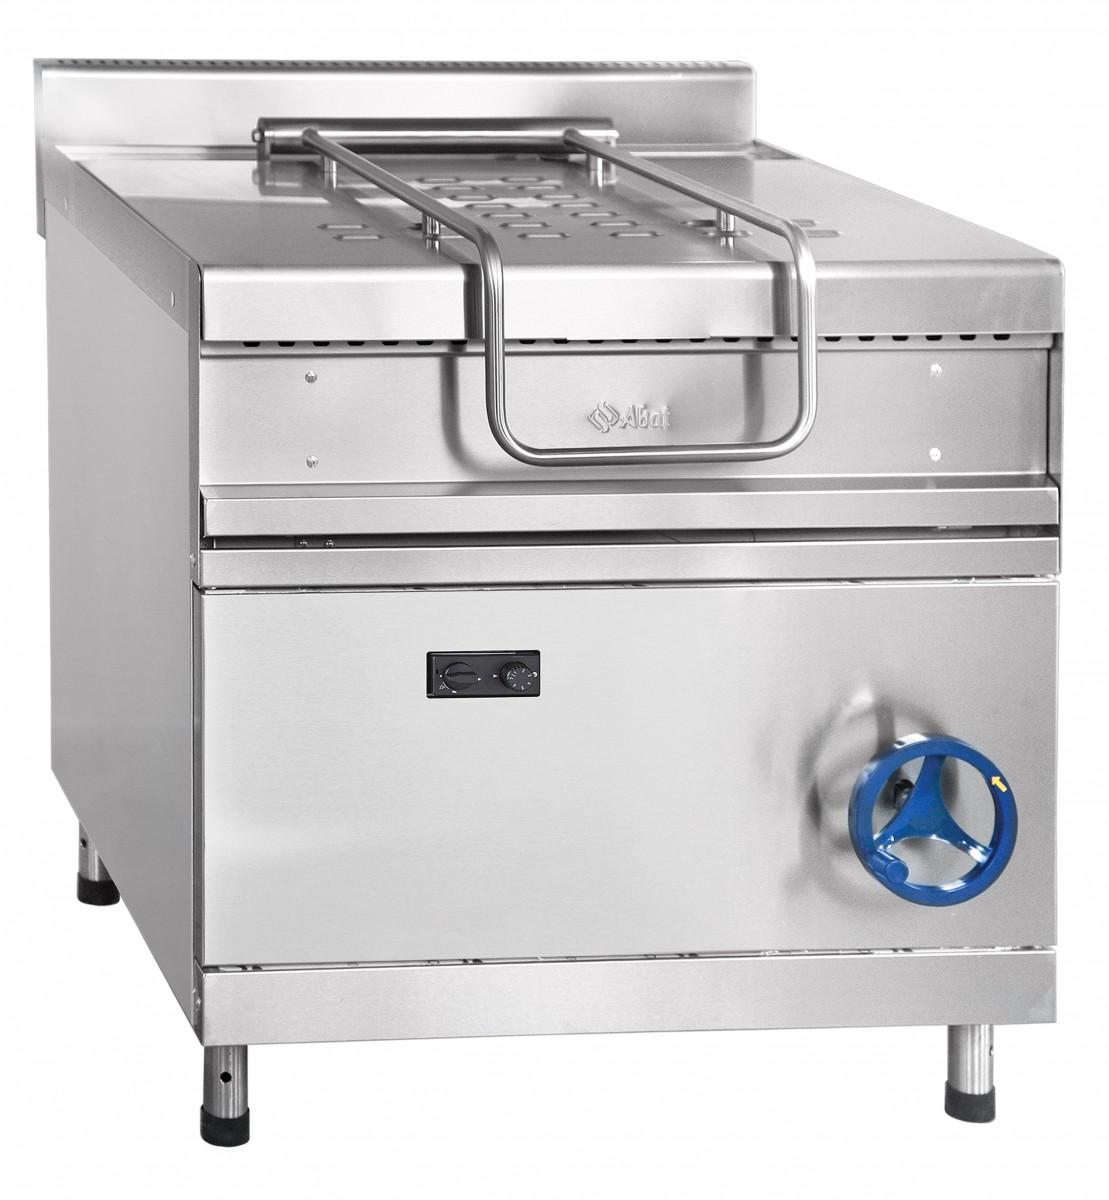 купить электрическую сковороду Abat в Траст Холод